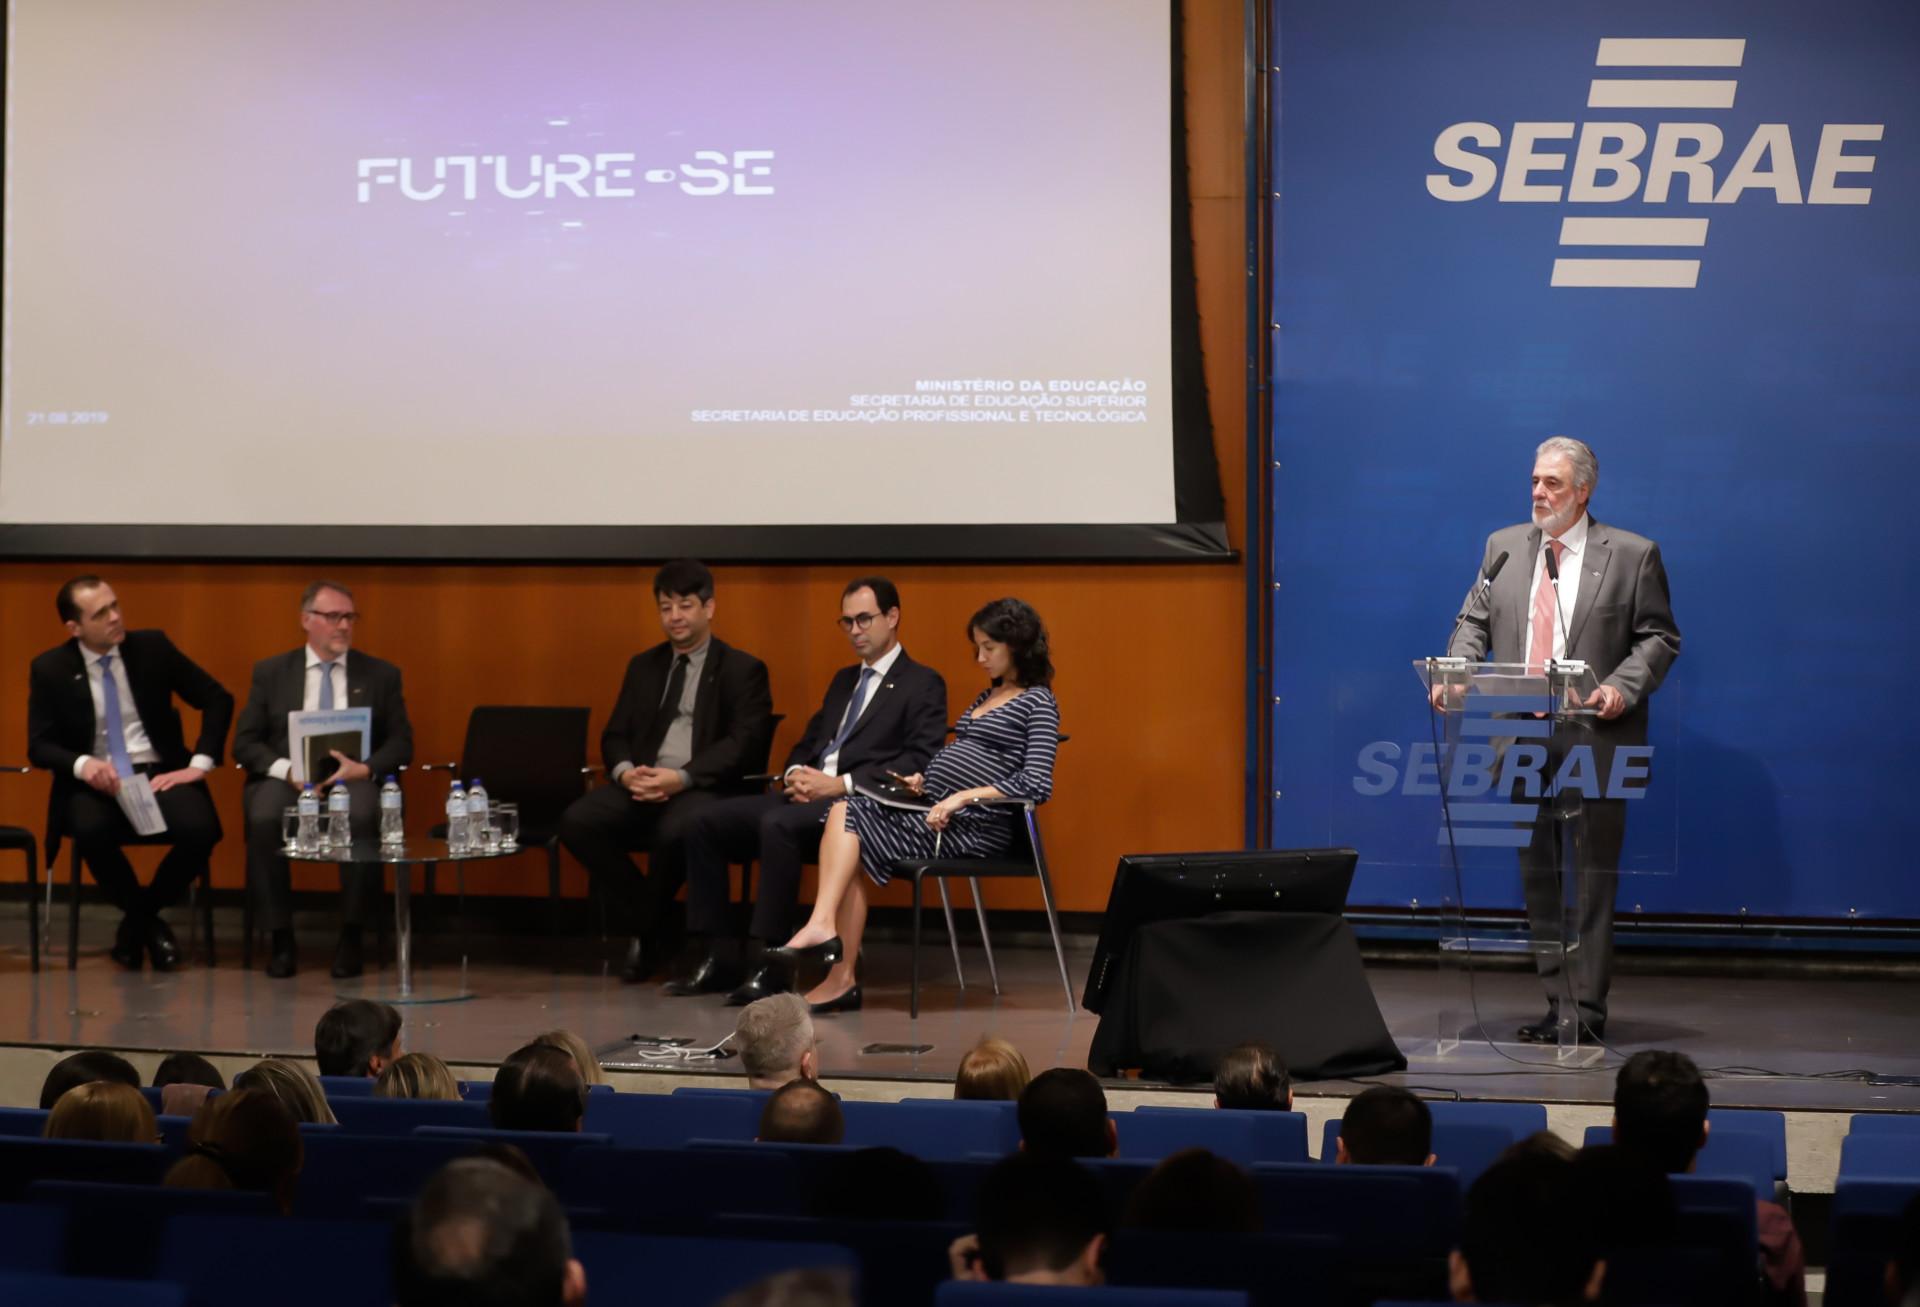 Secretário do MEC apresenta o Future-se a colaboradores